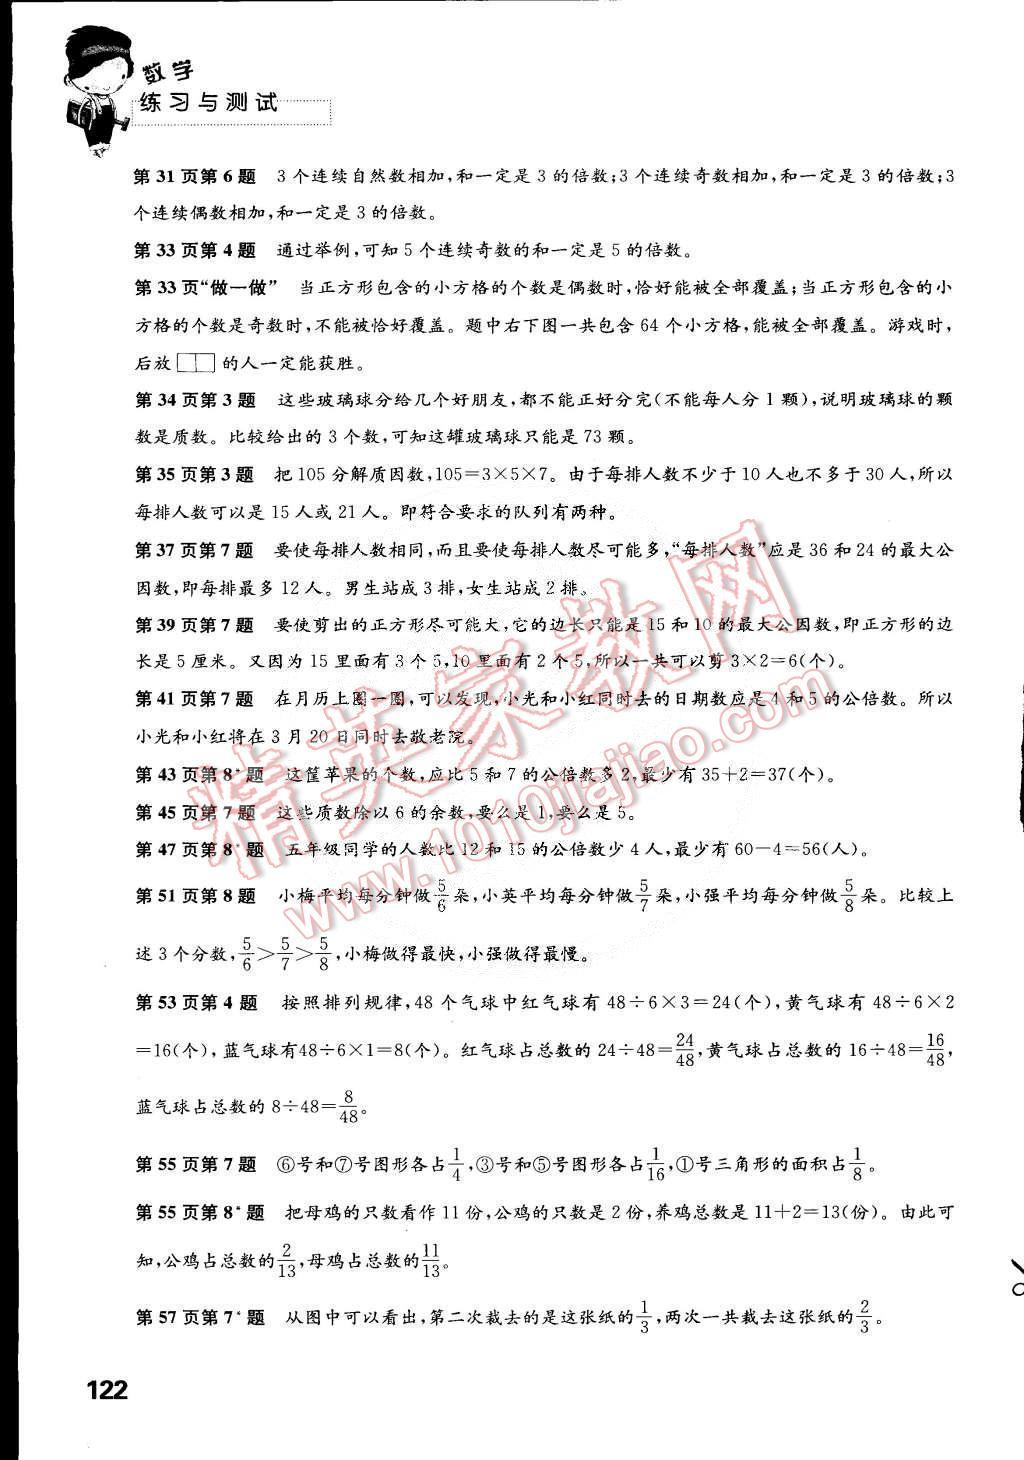 2015年练习与测试小学数学五年级下册苏教版第6页